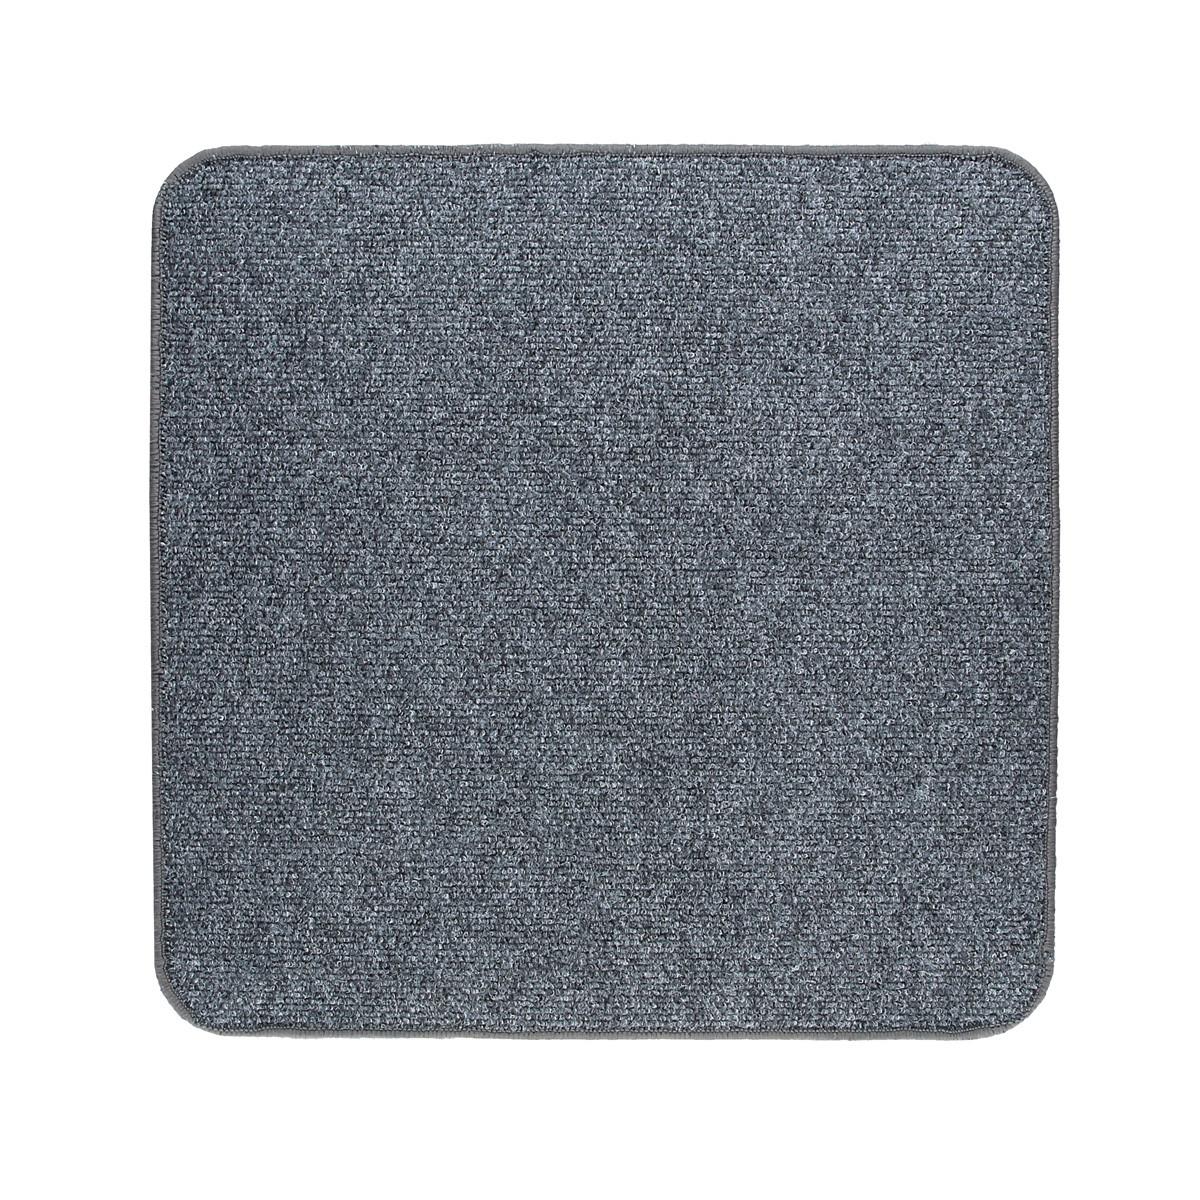 Электрический коврик с подогревом Теплик с термоизоляцией 50 х 50 см Темно-серый